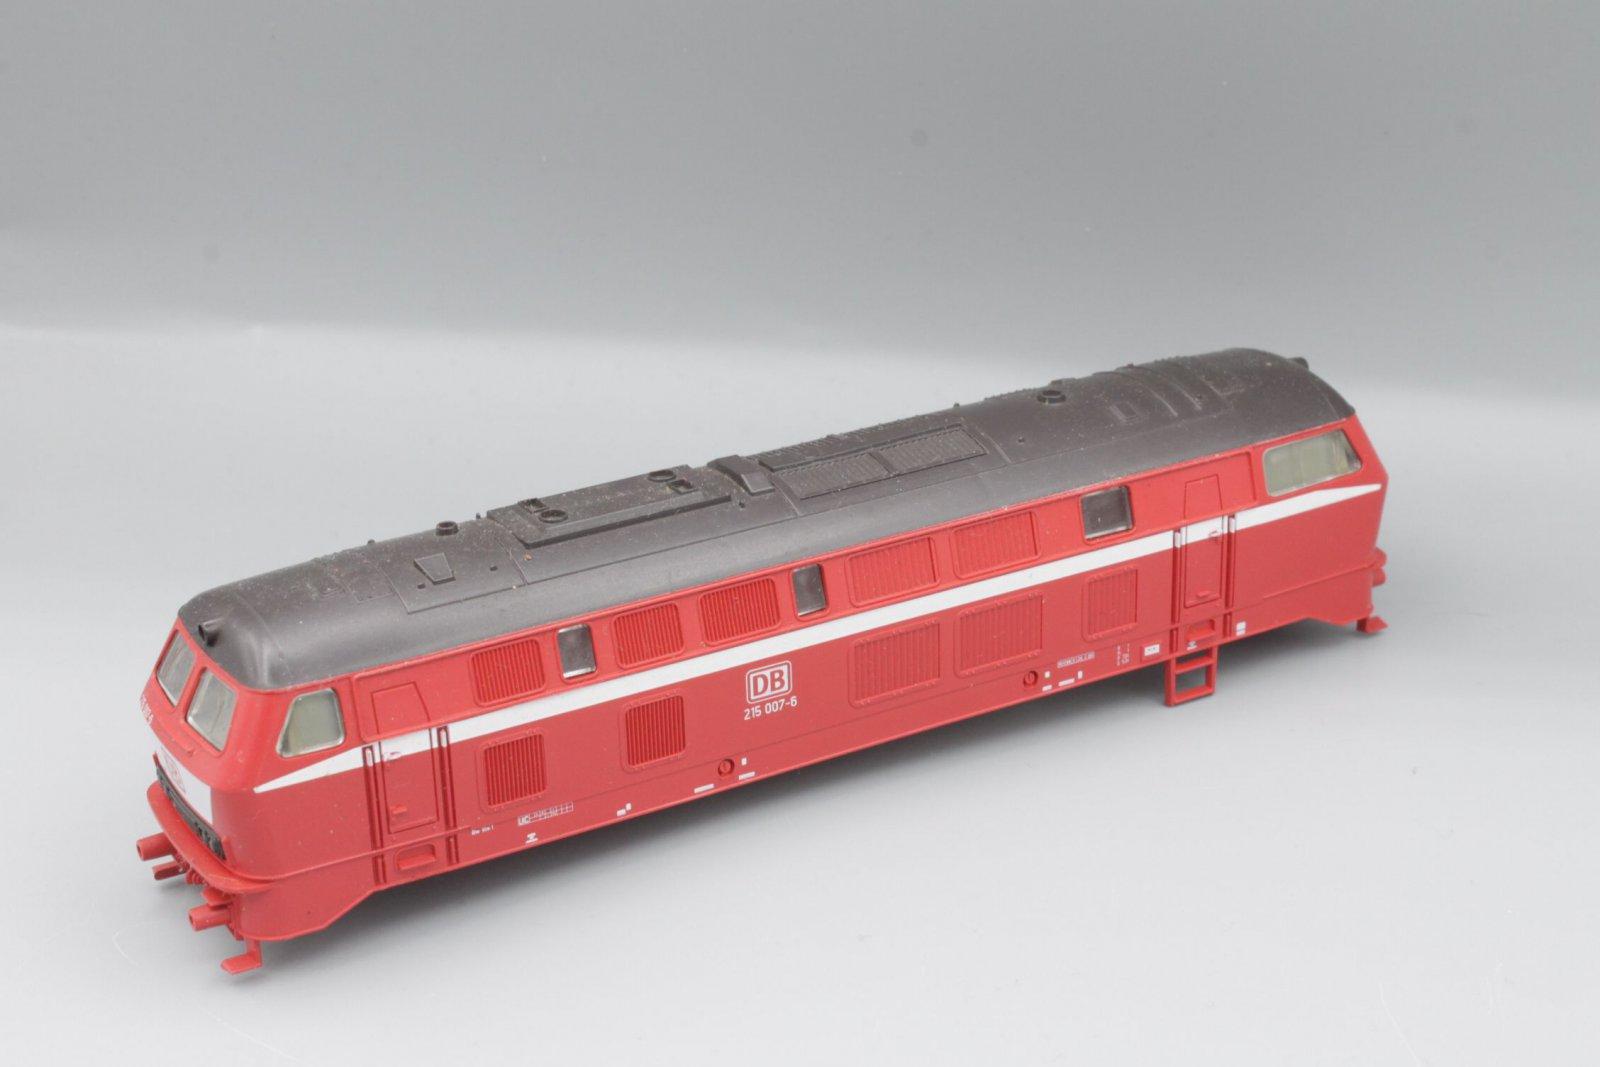 Ersatzteil Roco Gehäuse 215 007-6 orientrot mit LATZ DB - braunes Dach